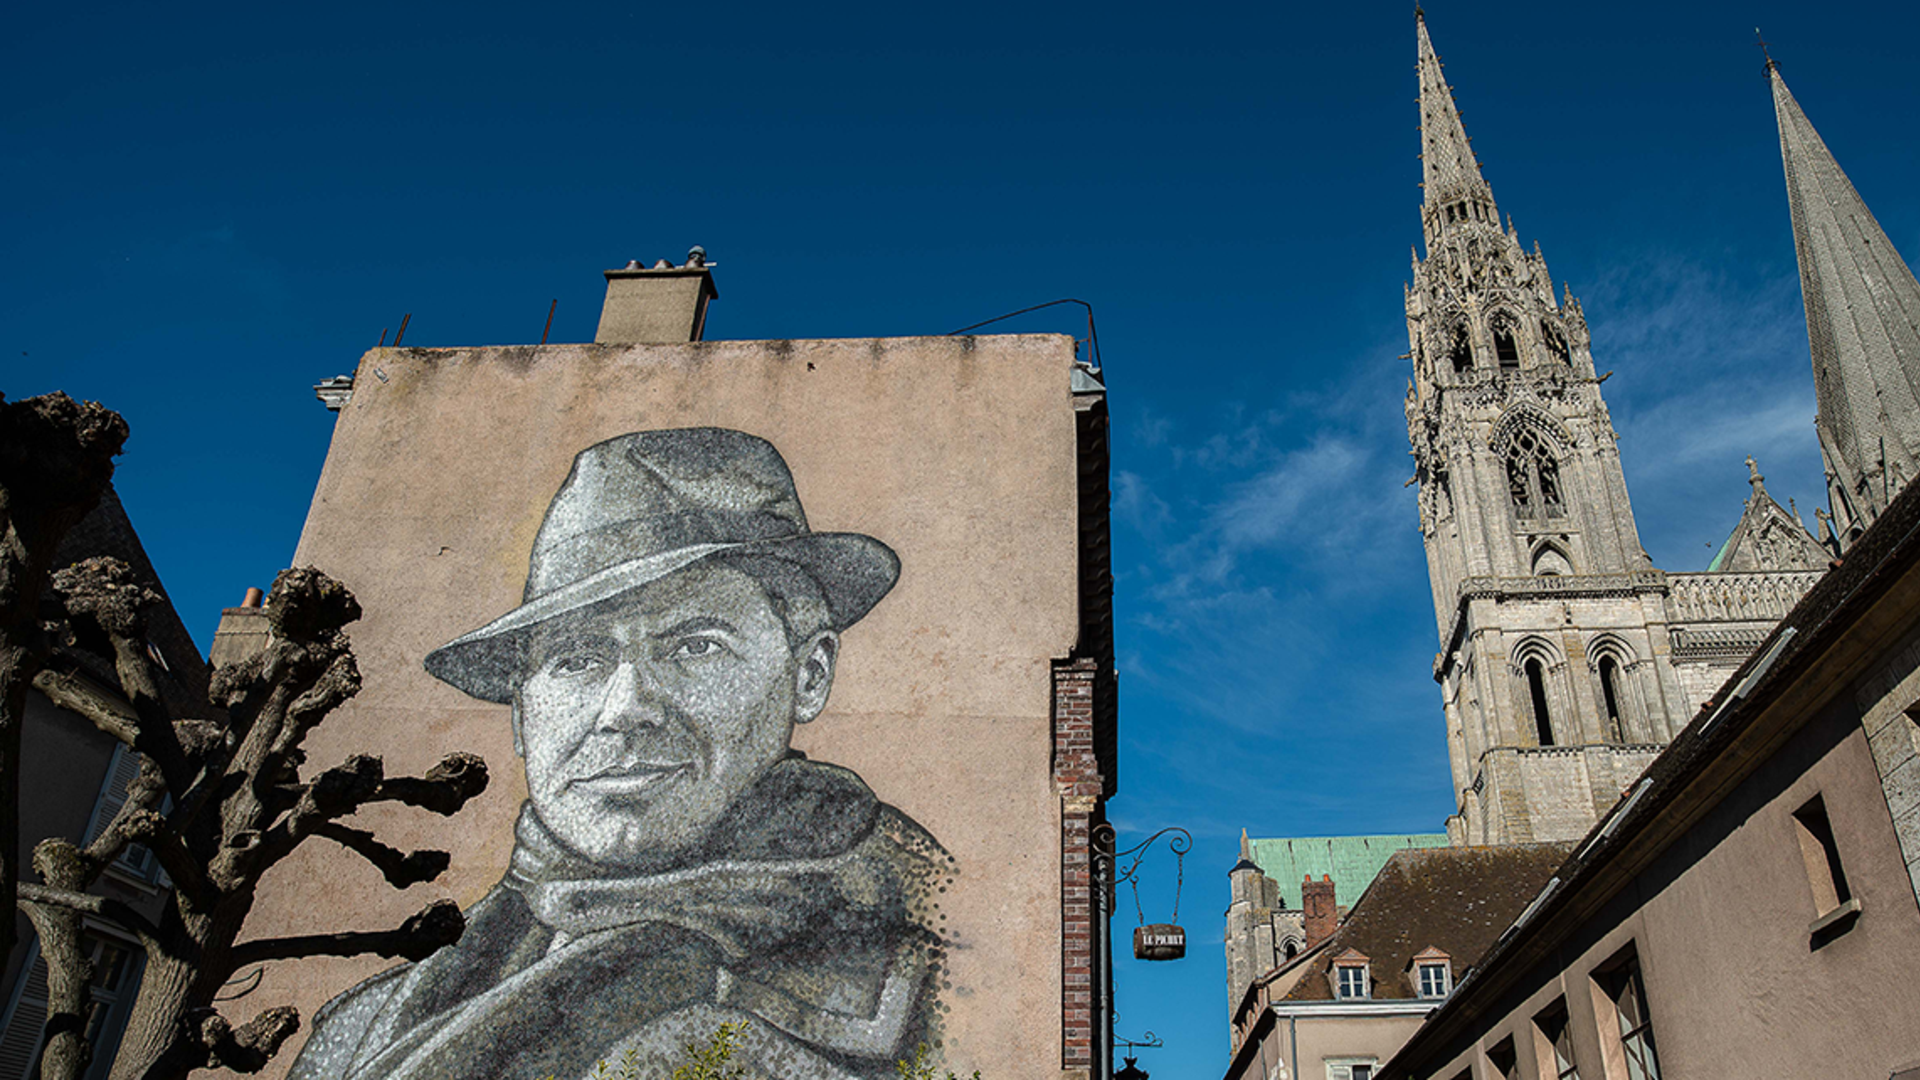 Portrait monumental de Jean Moulin sur la place drouaise à Chartres